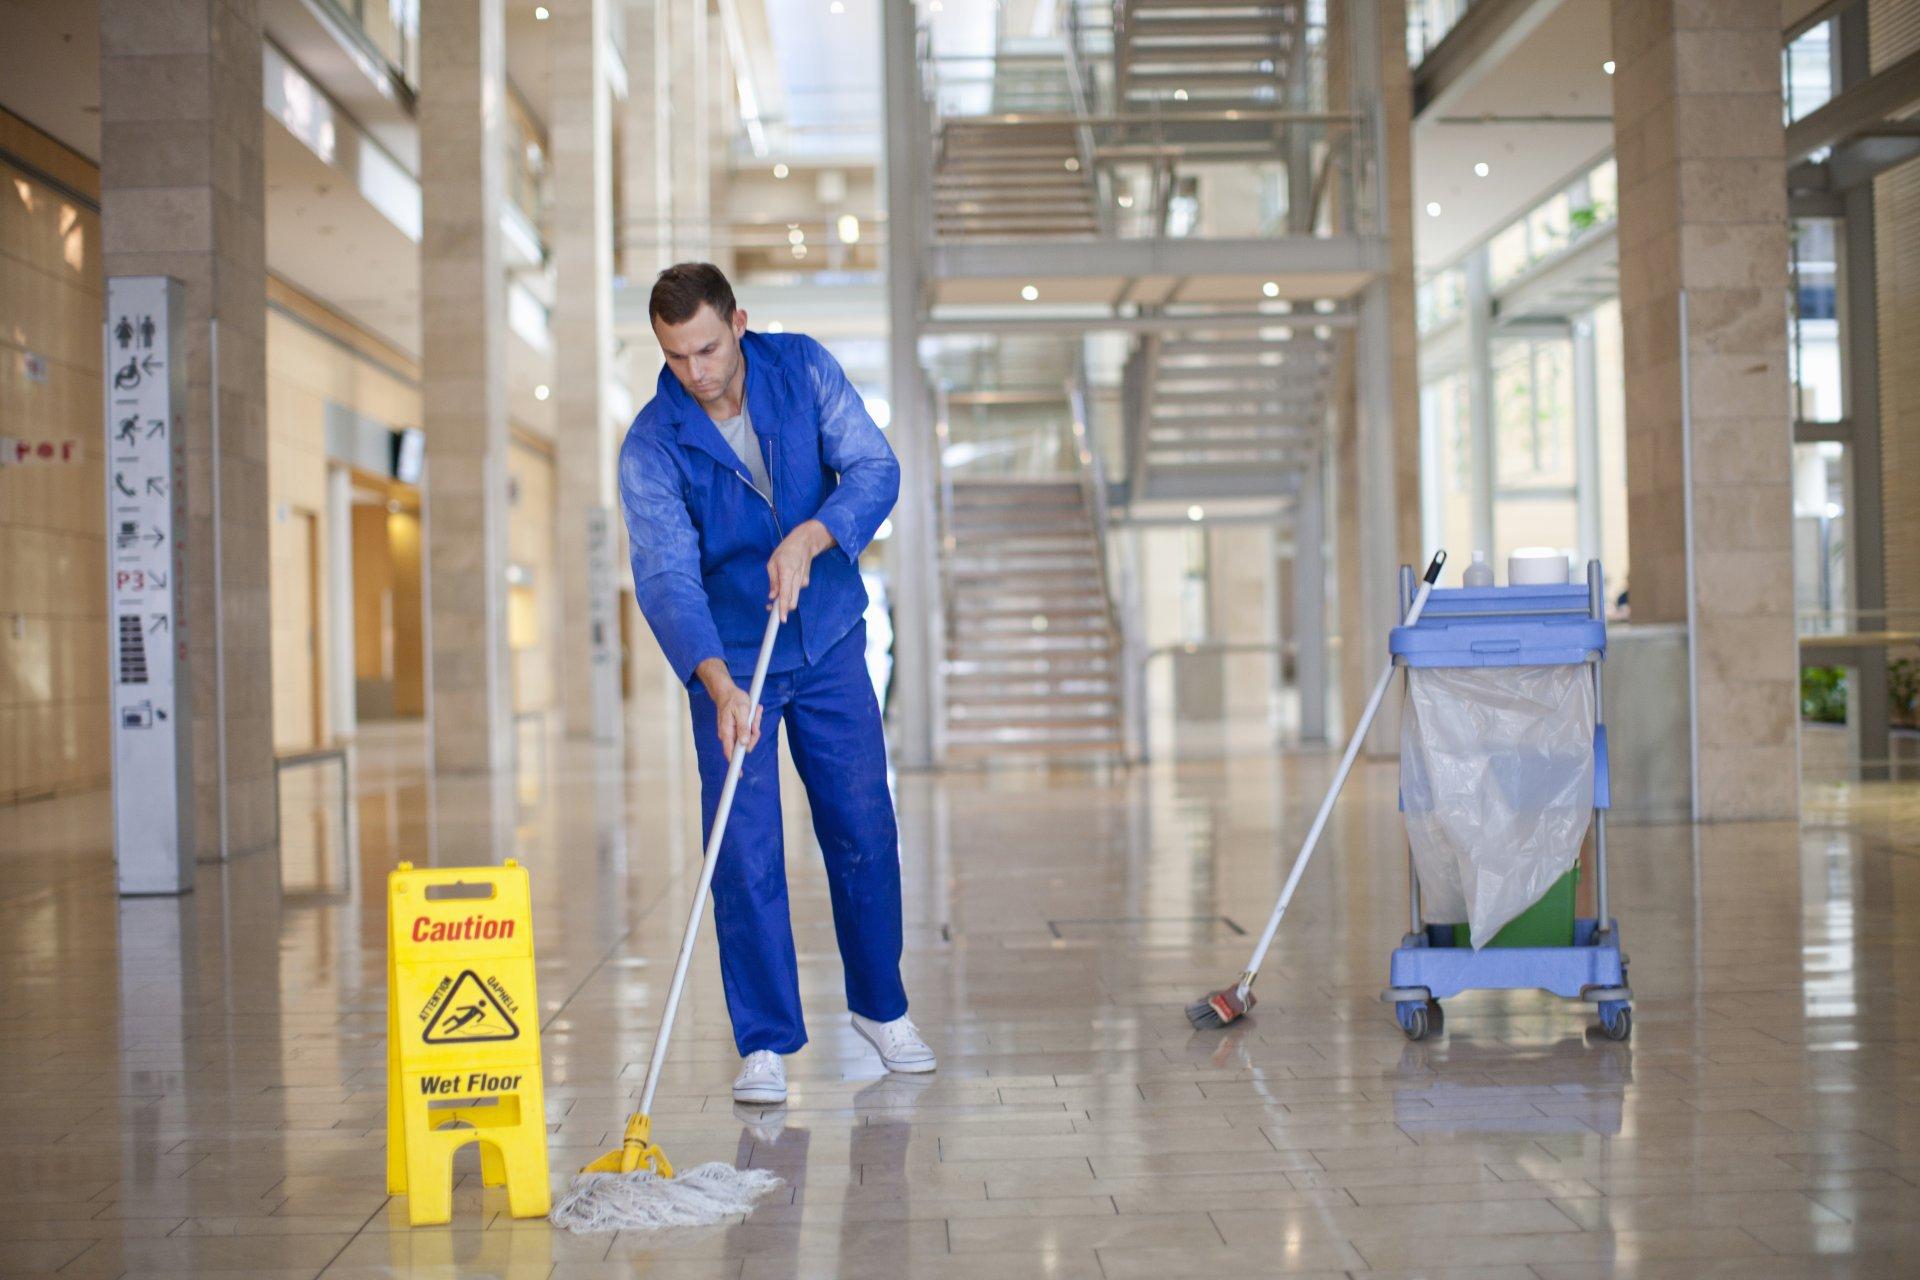 Qu'est-ce qui caractérise un service de nettoyage immeuble ?